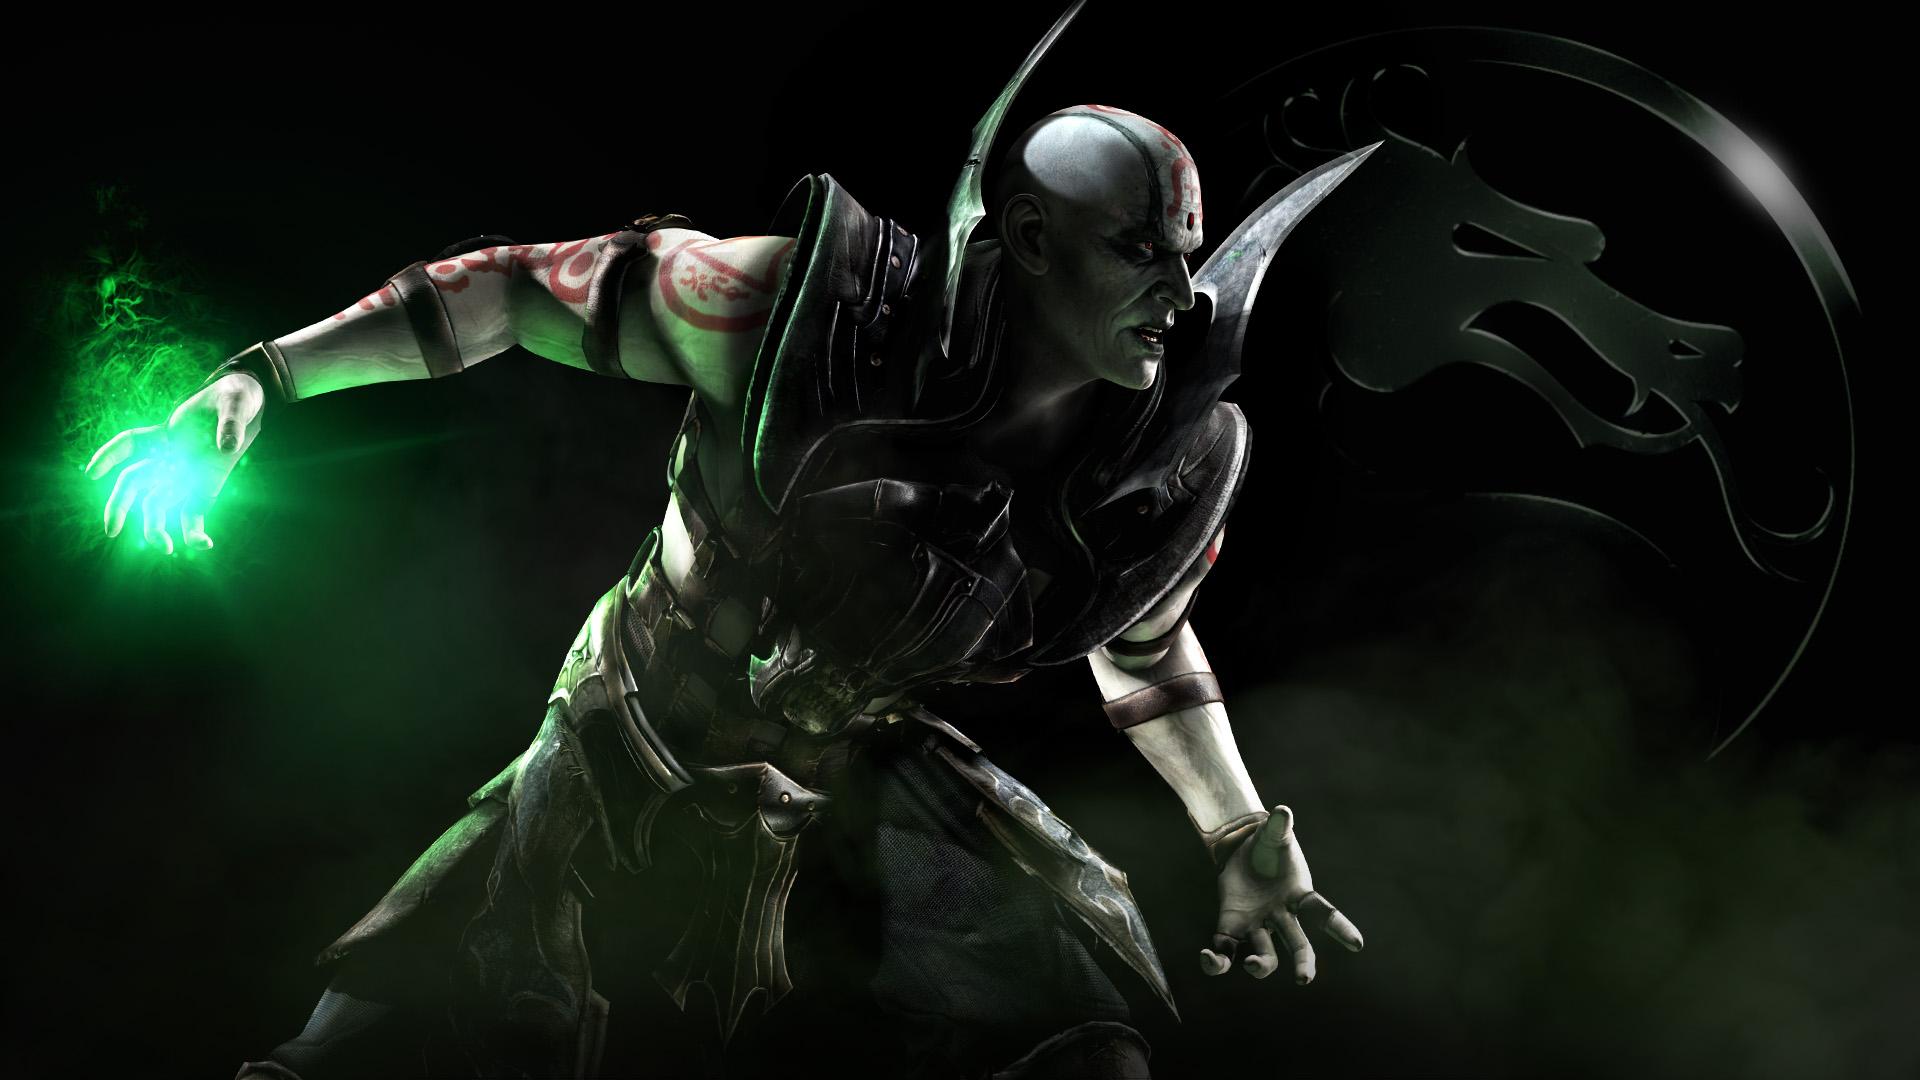 Mortal Kombat X wallpaper 1 1920x1080